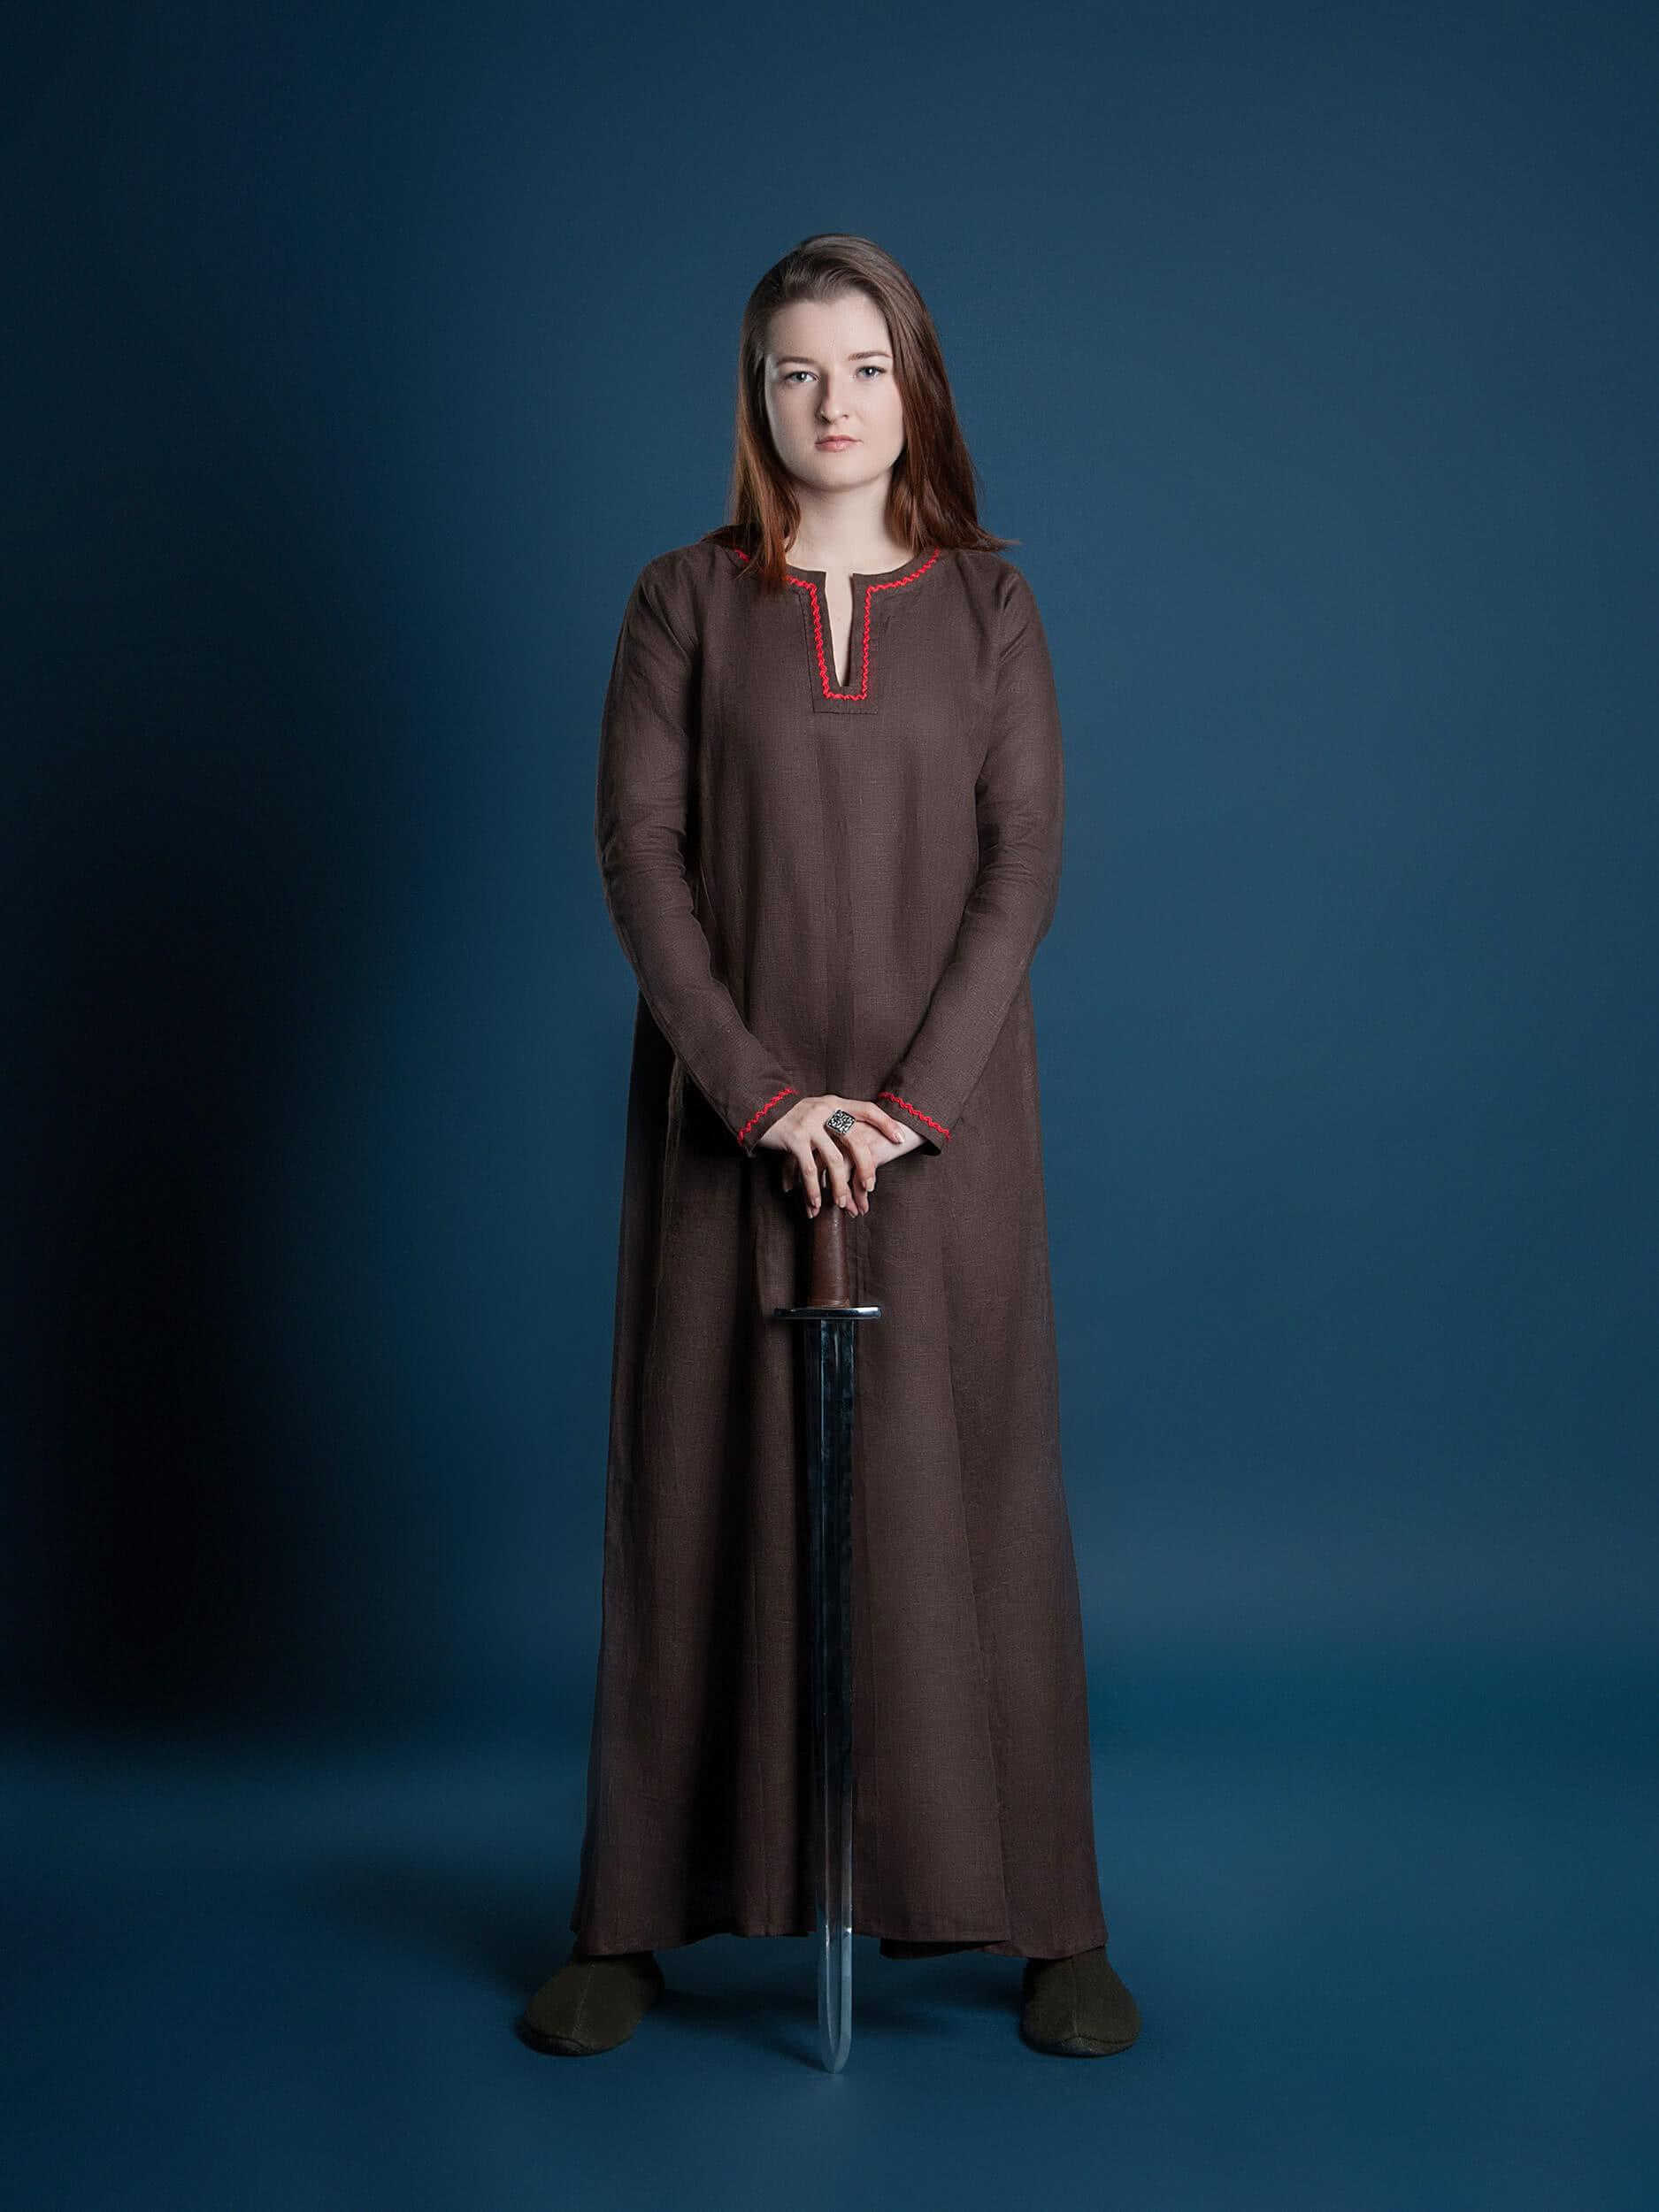 viking clothing viking brown tunic viking dress